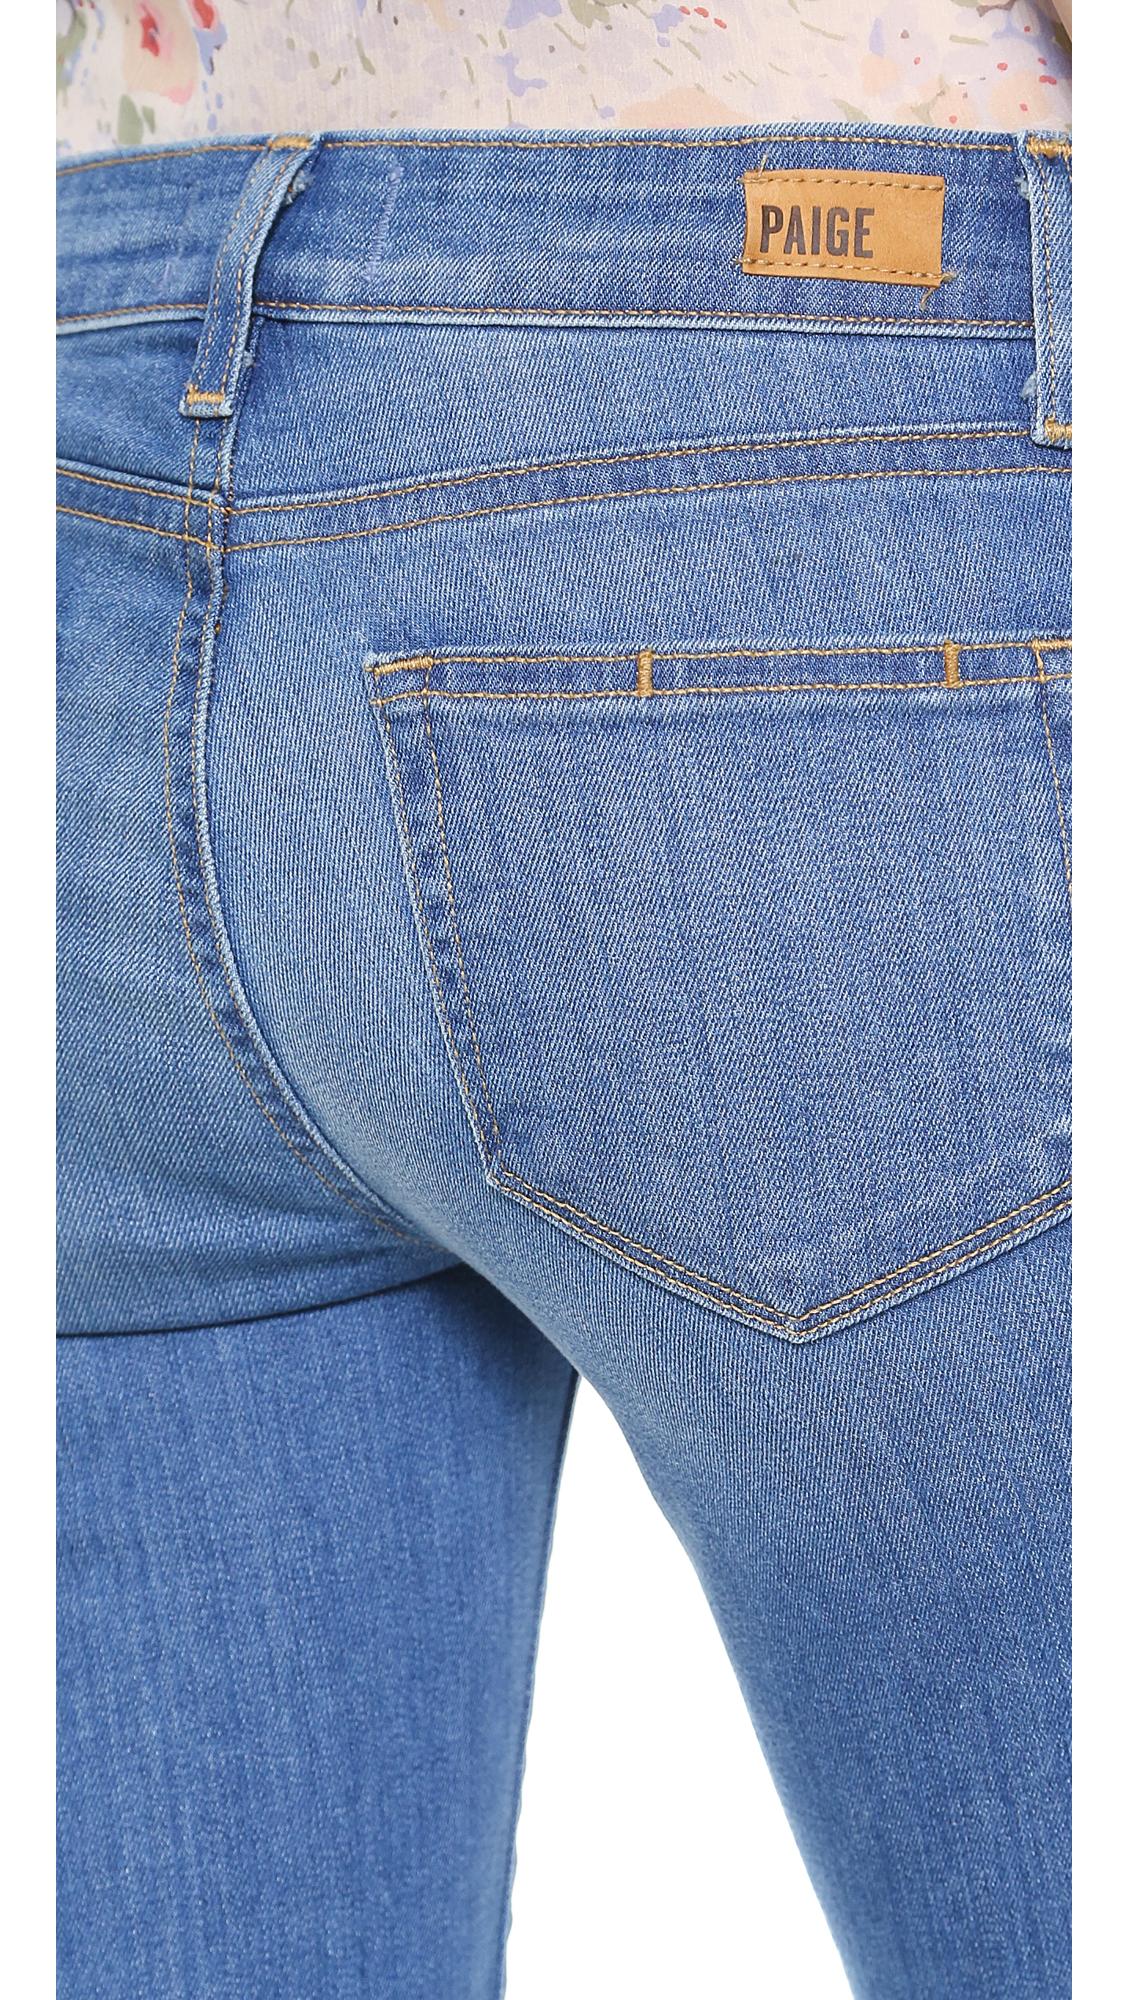 dc1221cb4d32c PAIGE Fiona Flare Jeans